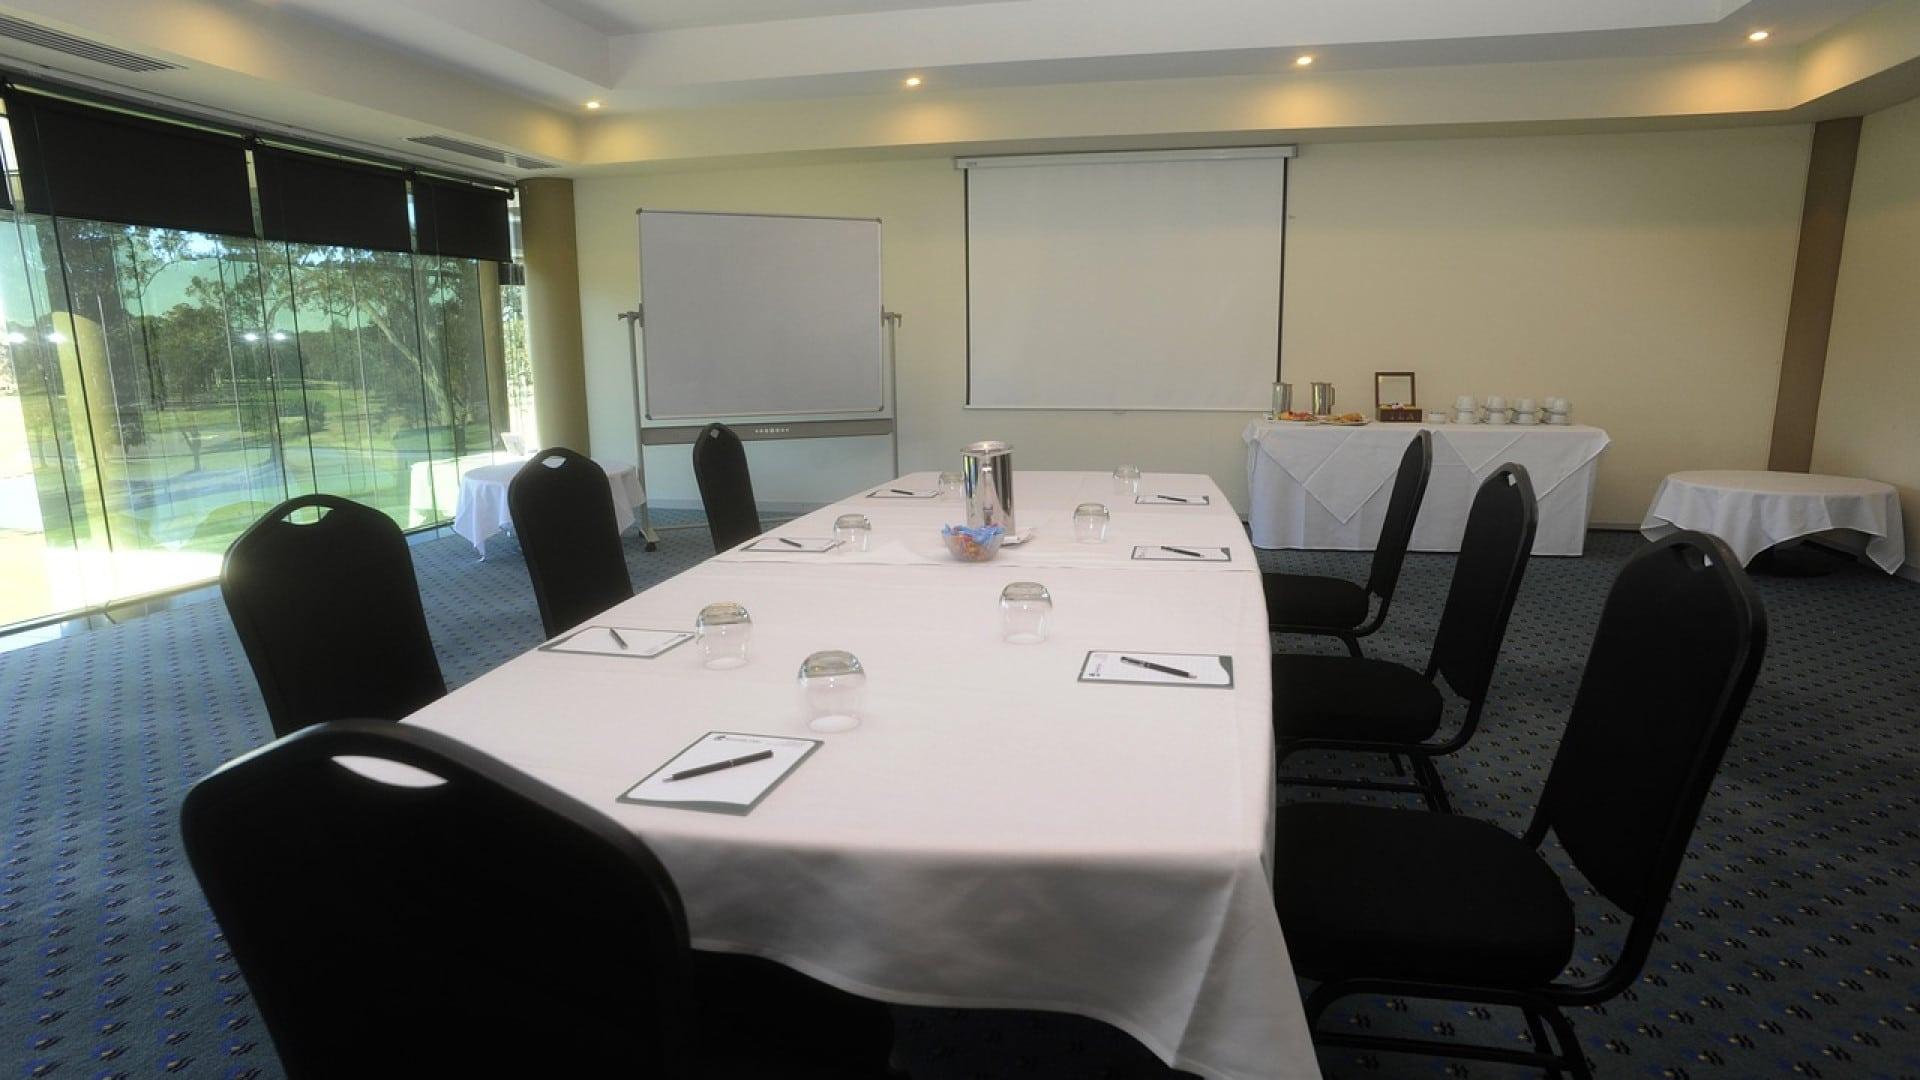 La location d'une salle pour une teambuilding en entreprise